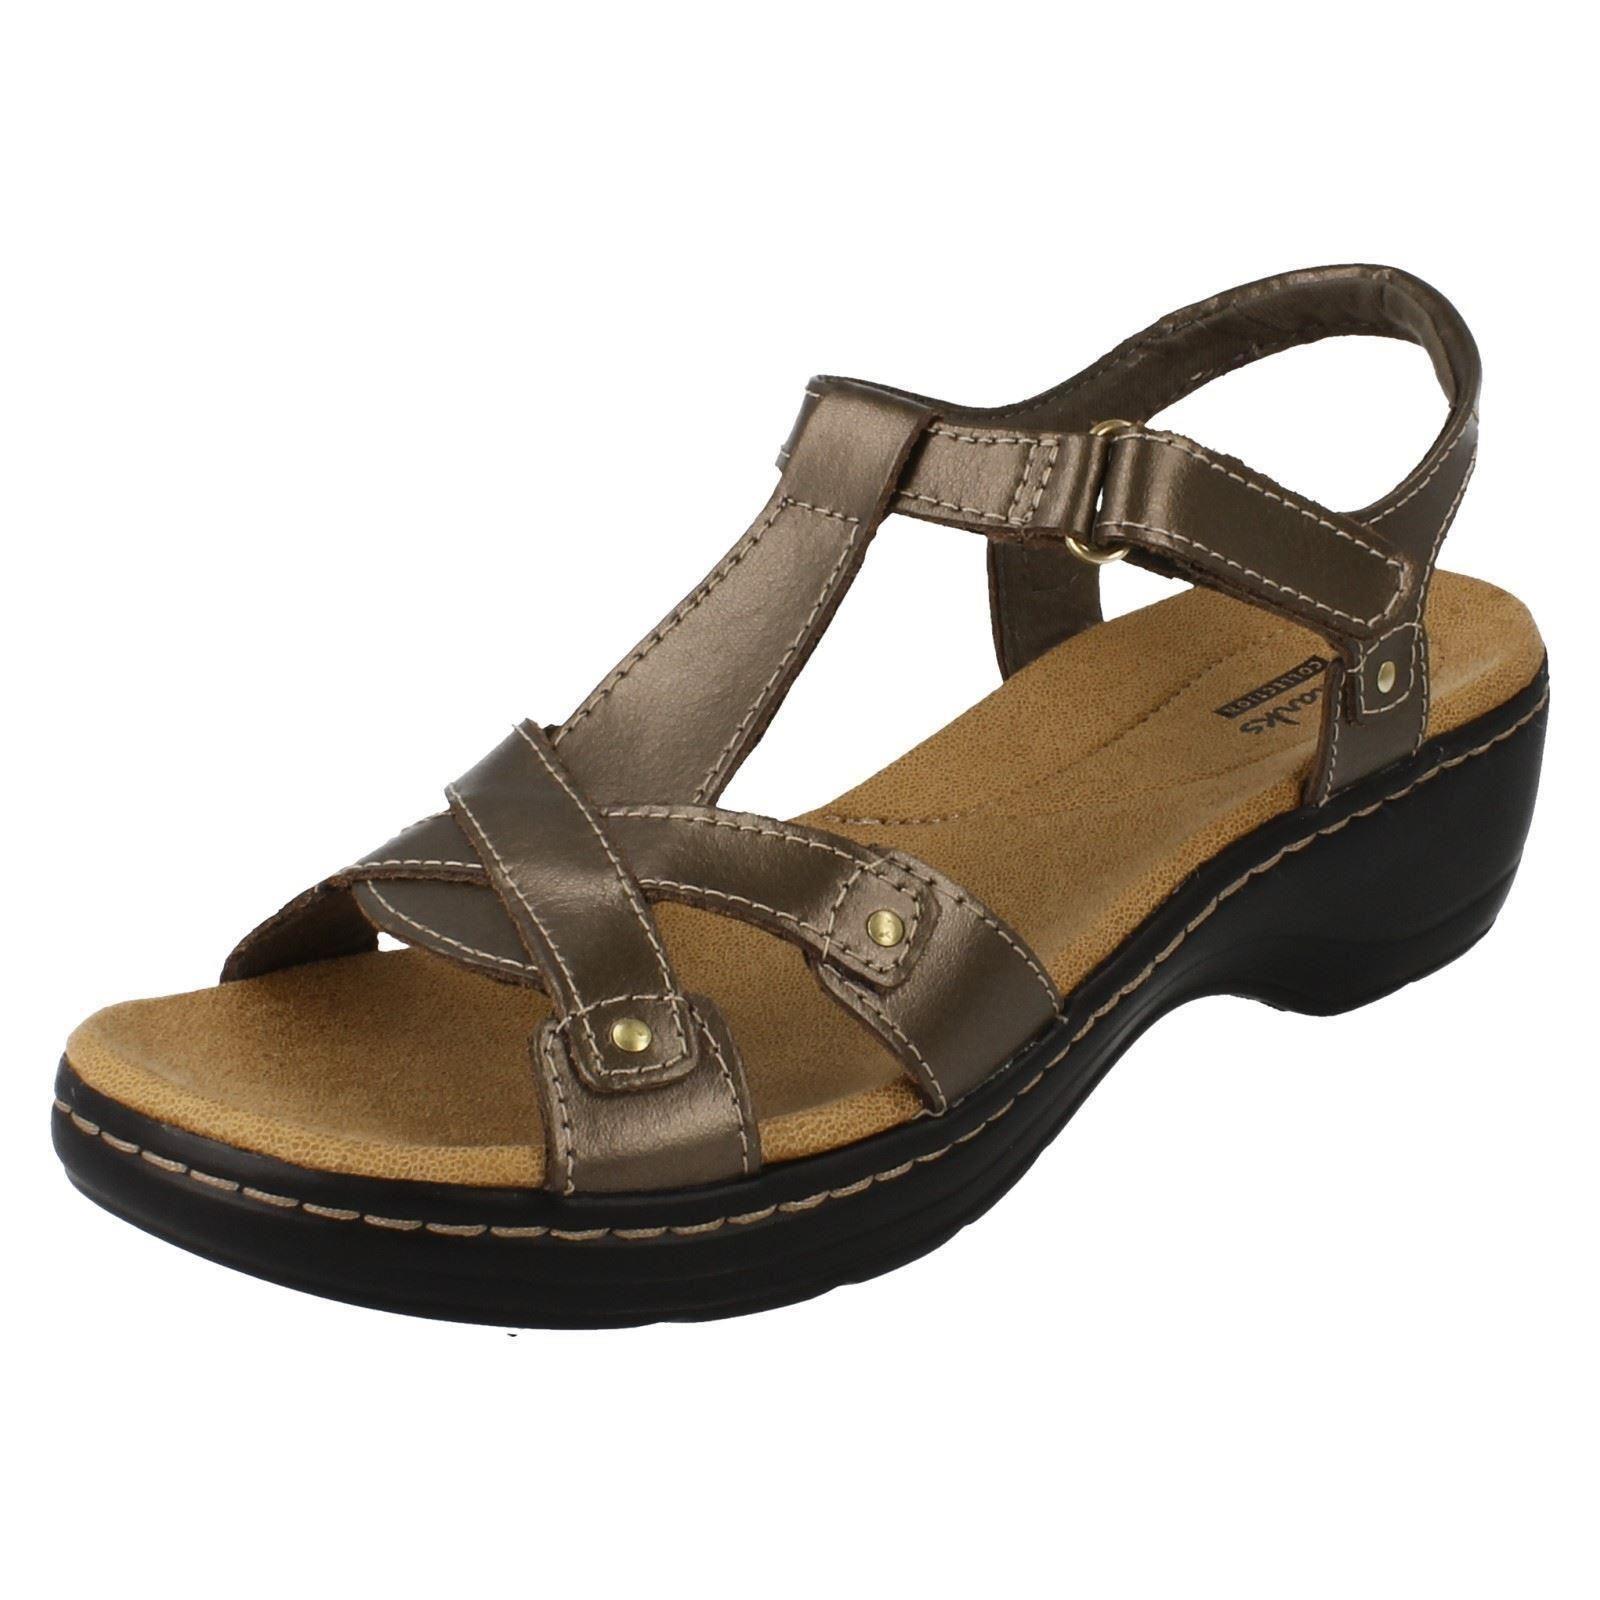 Clarks Hayla Flute Pewter Leather Slingback Summer Sandals D Fit